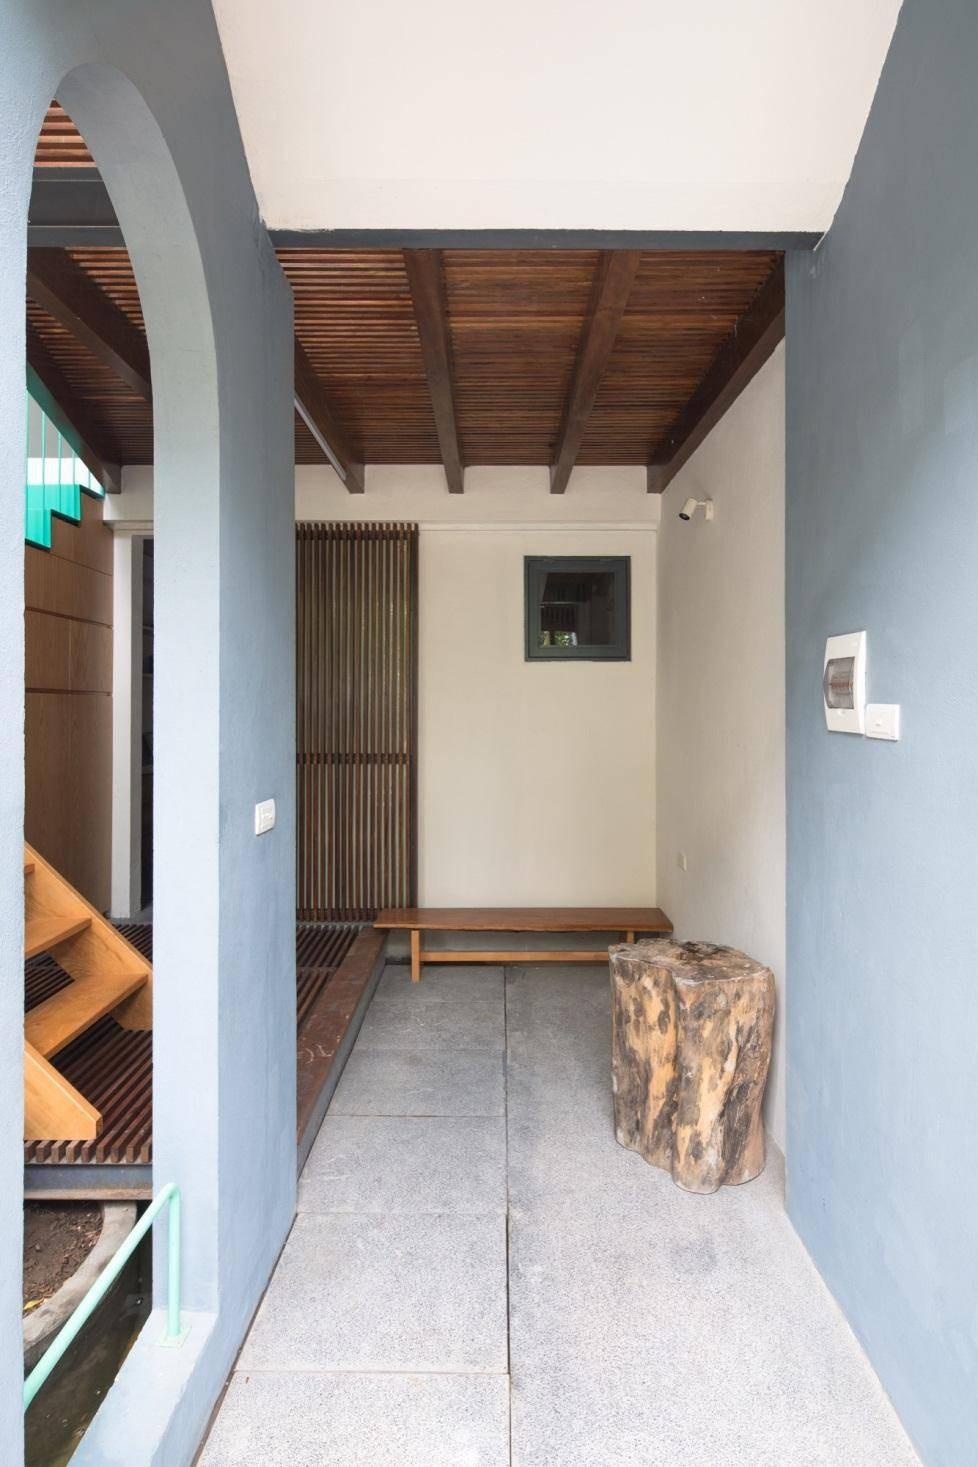 Ngôi nhà ống chỉ vỏn vẹn 36m² nhưng thoáng đẹp bất ngờ của gia đình có trẻ nhỏ ở Gia Lâm, Hà Nội - Ảnh 5